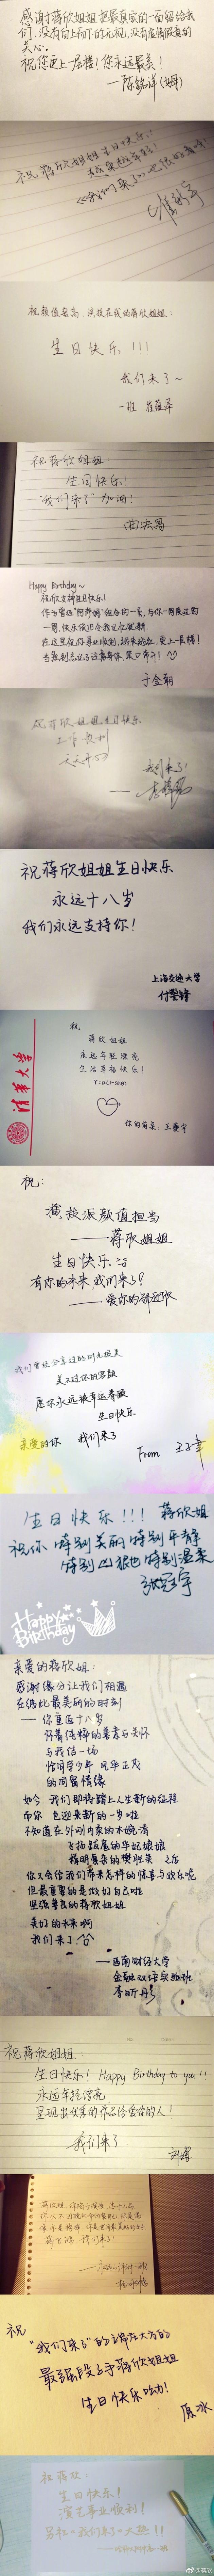 蒋欣晒哈师大附中同学来信 曾在综艺中当插班生